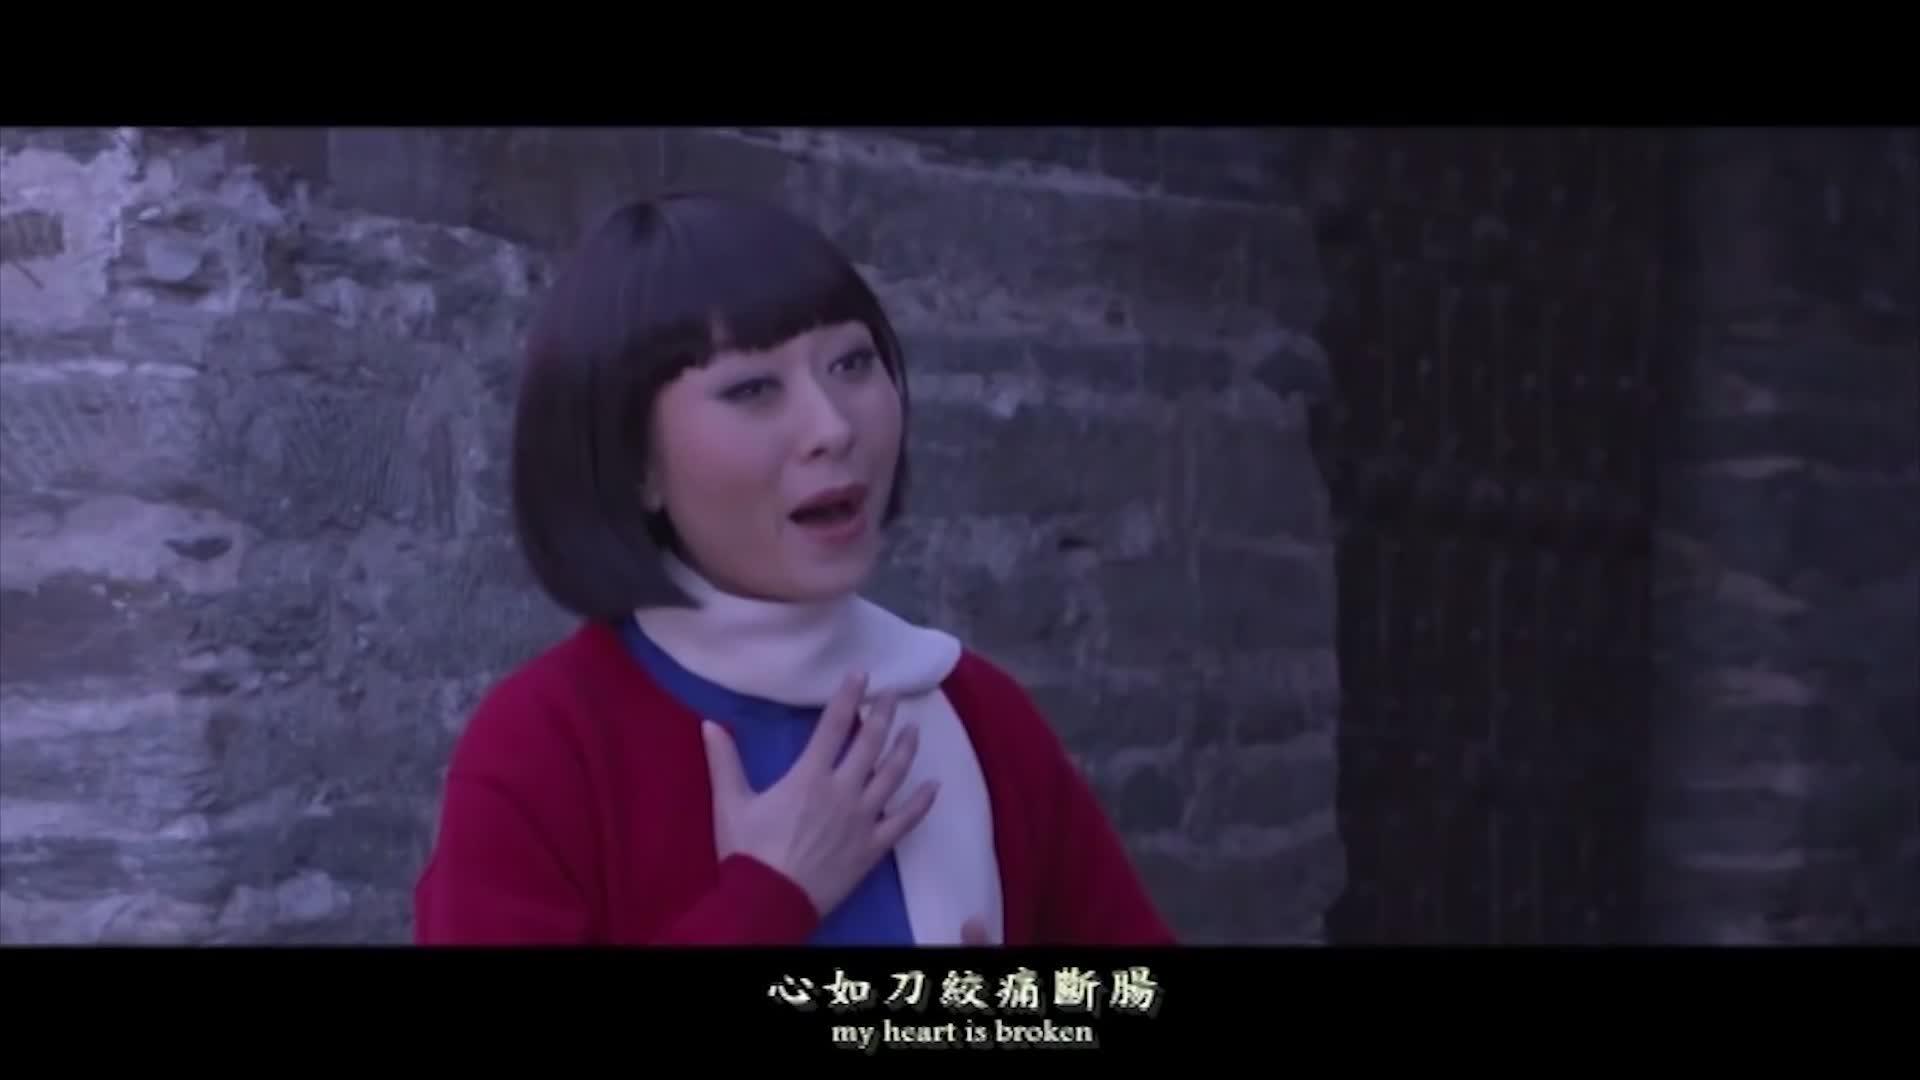 《江姐》--魏艳妮